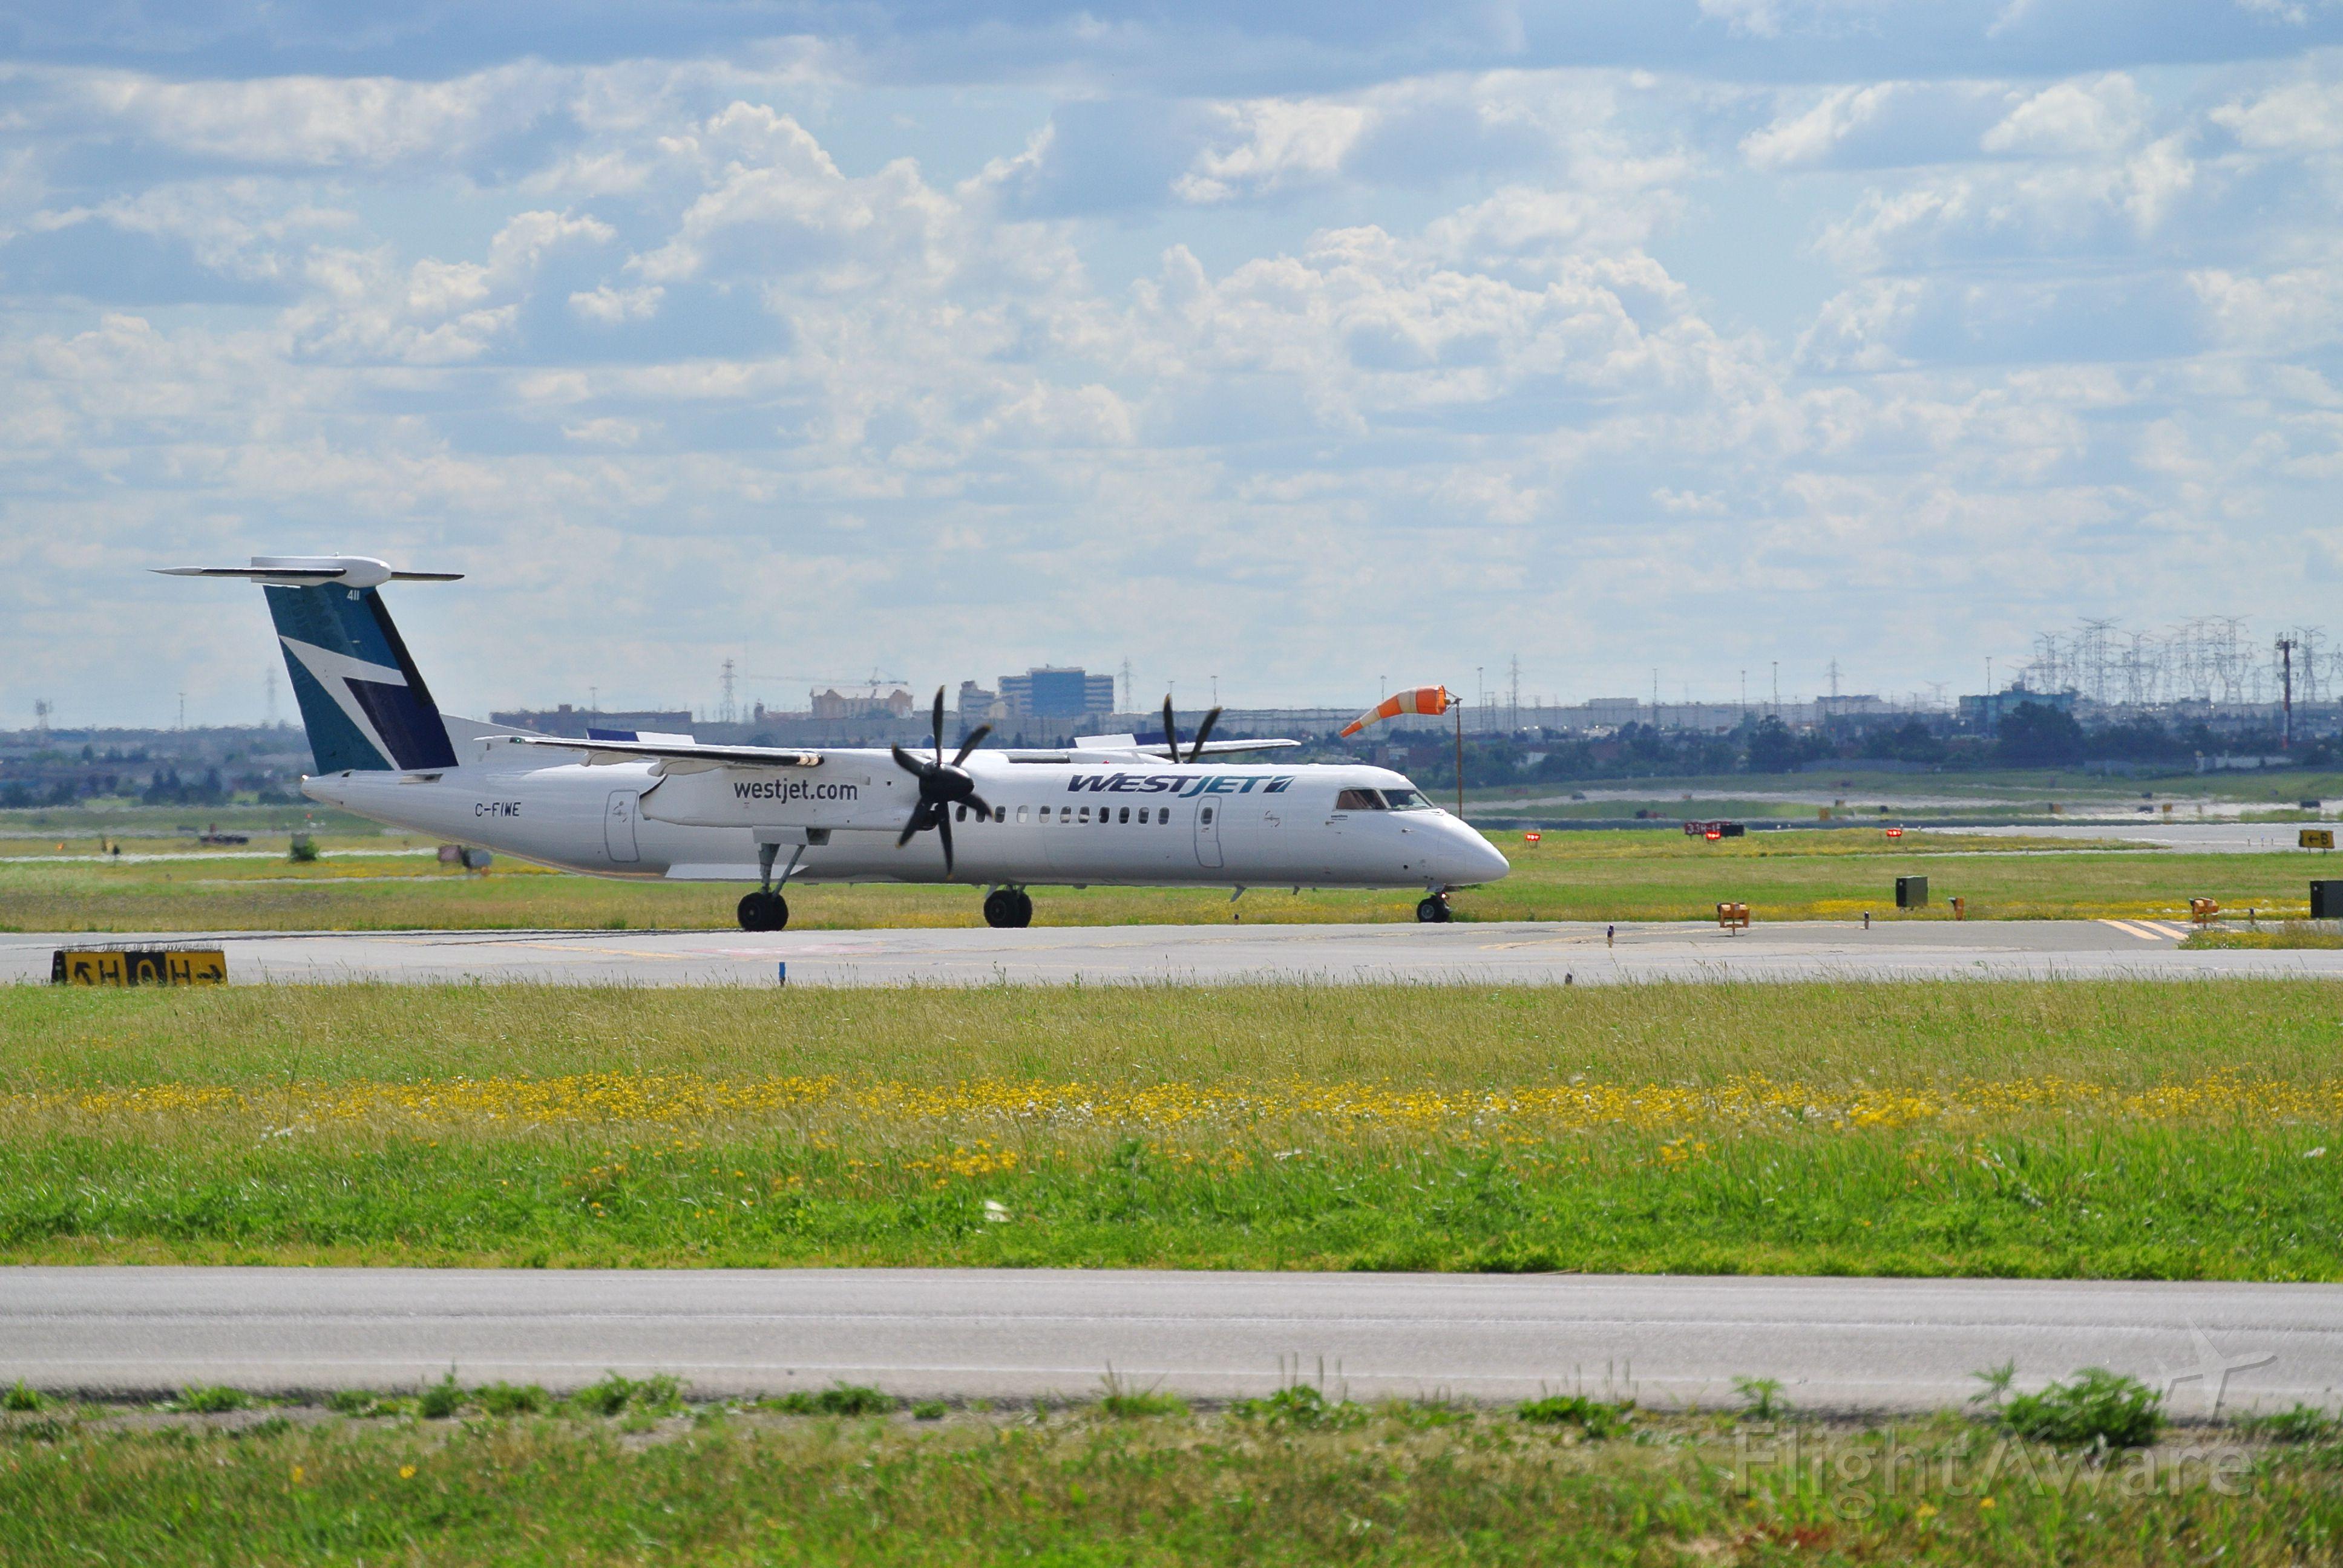 de Havilland Dash 8-400 (C-FIWE) - WestJet encore Dash 8 holding short 23 ready for departure